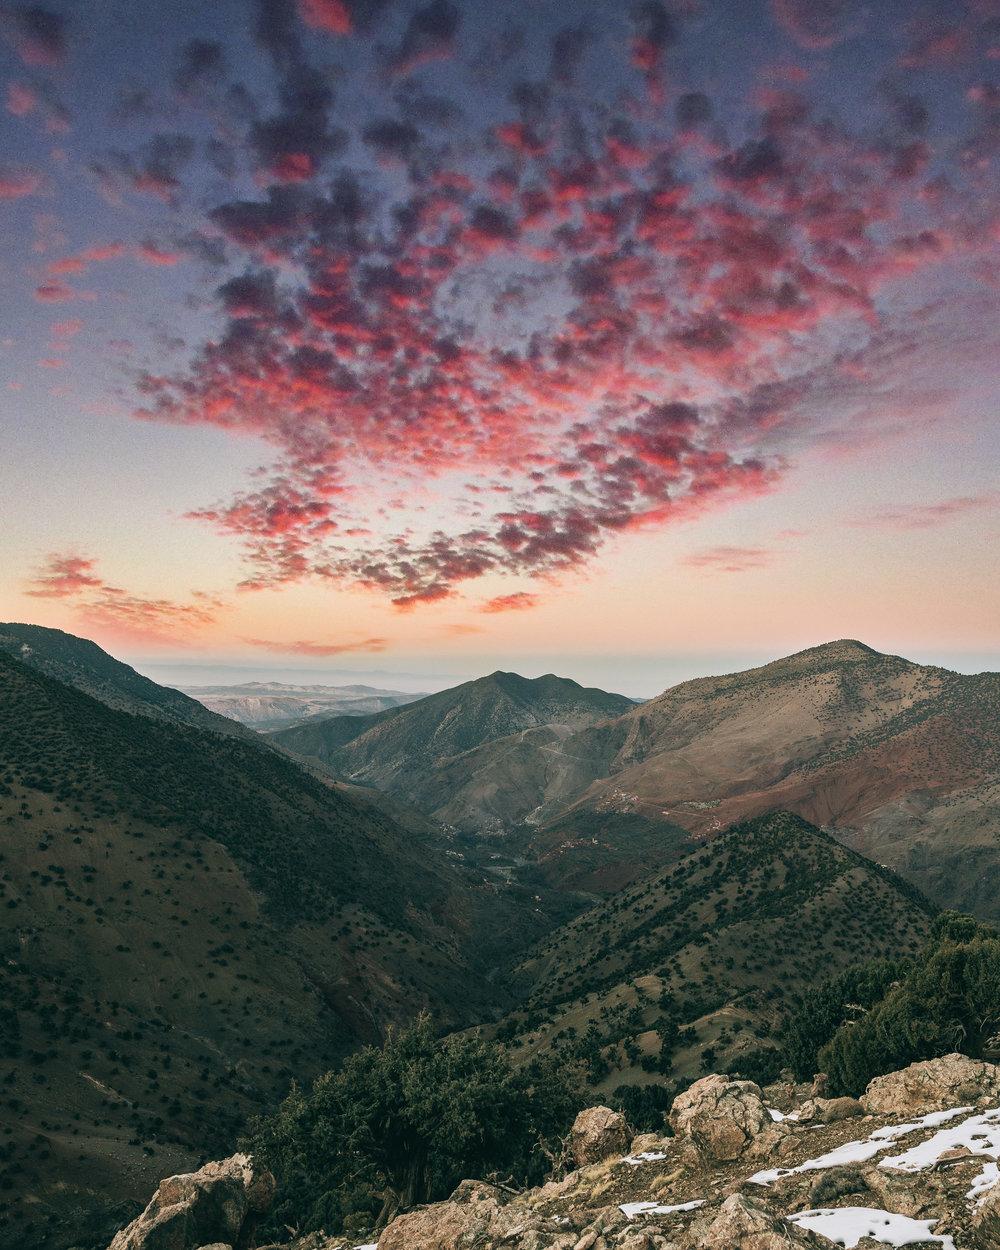 Morocco-Atlas Mountains4-2018.jpg